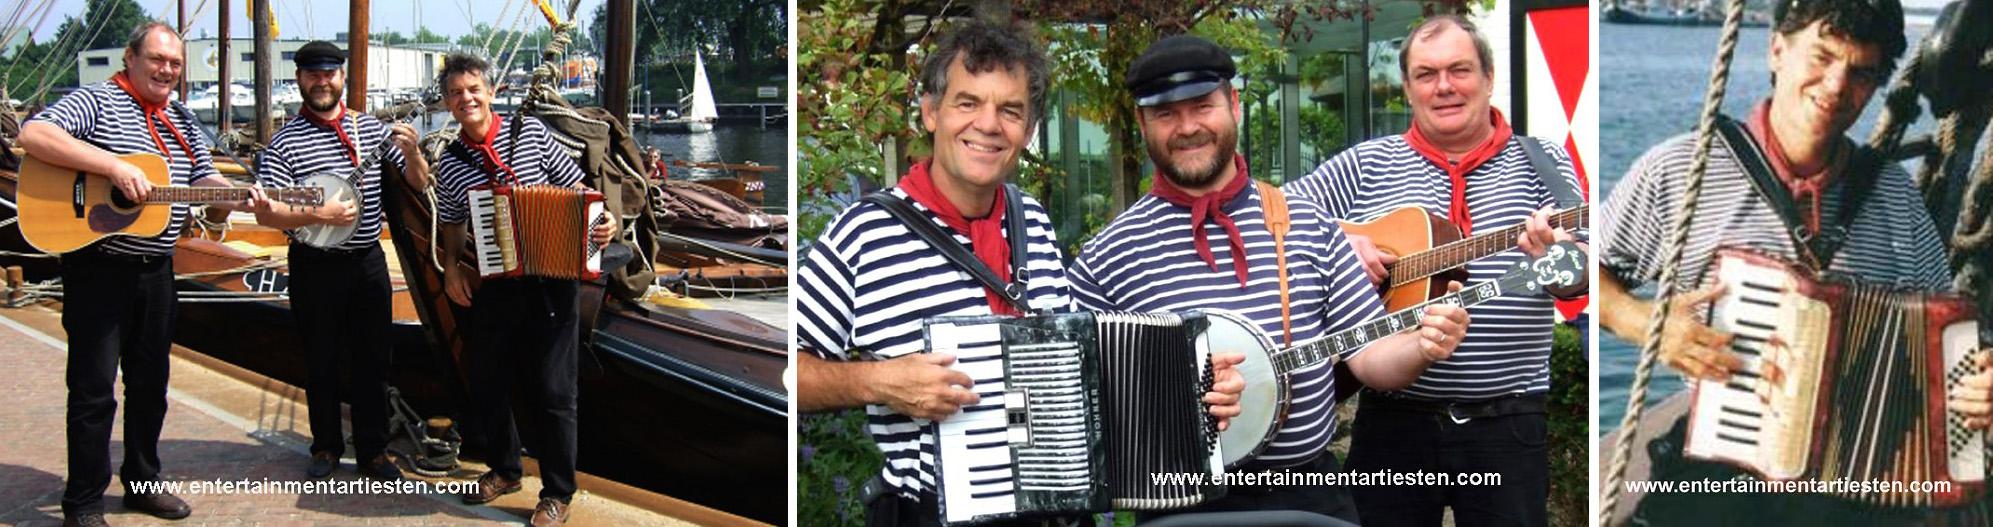 Ierse, Franse en Zeeman muziek. Meestal zitten deze liederen vol met humor, hoewel er soms ook een serieuze noot in te vinden is, www.goversartiesten.nl